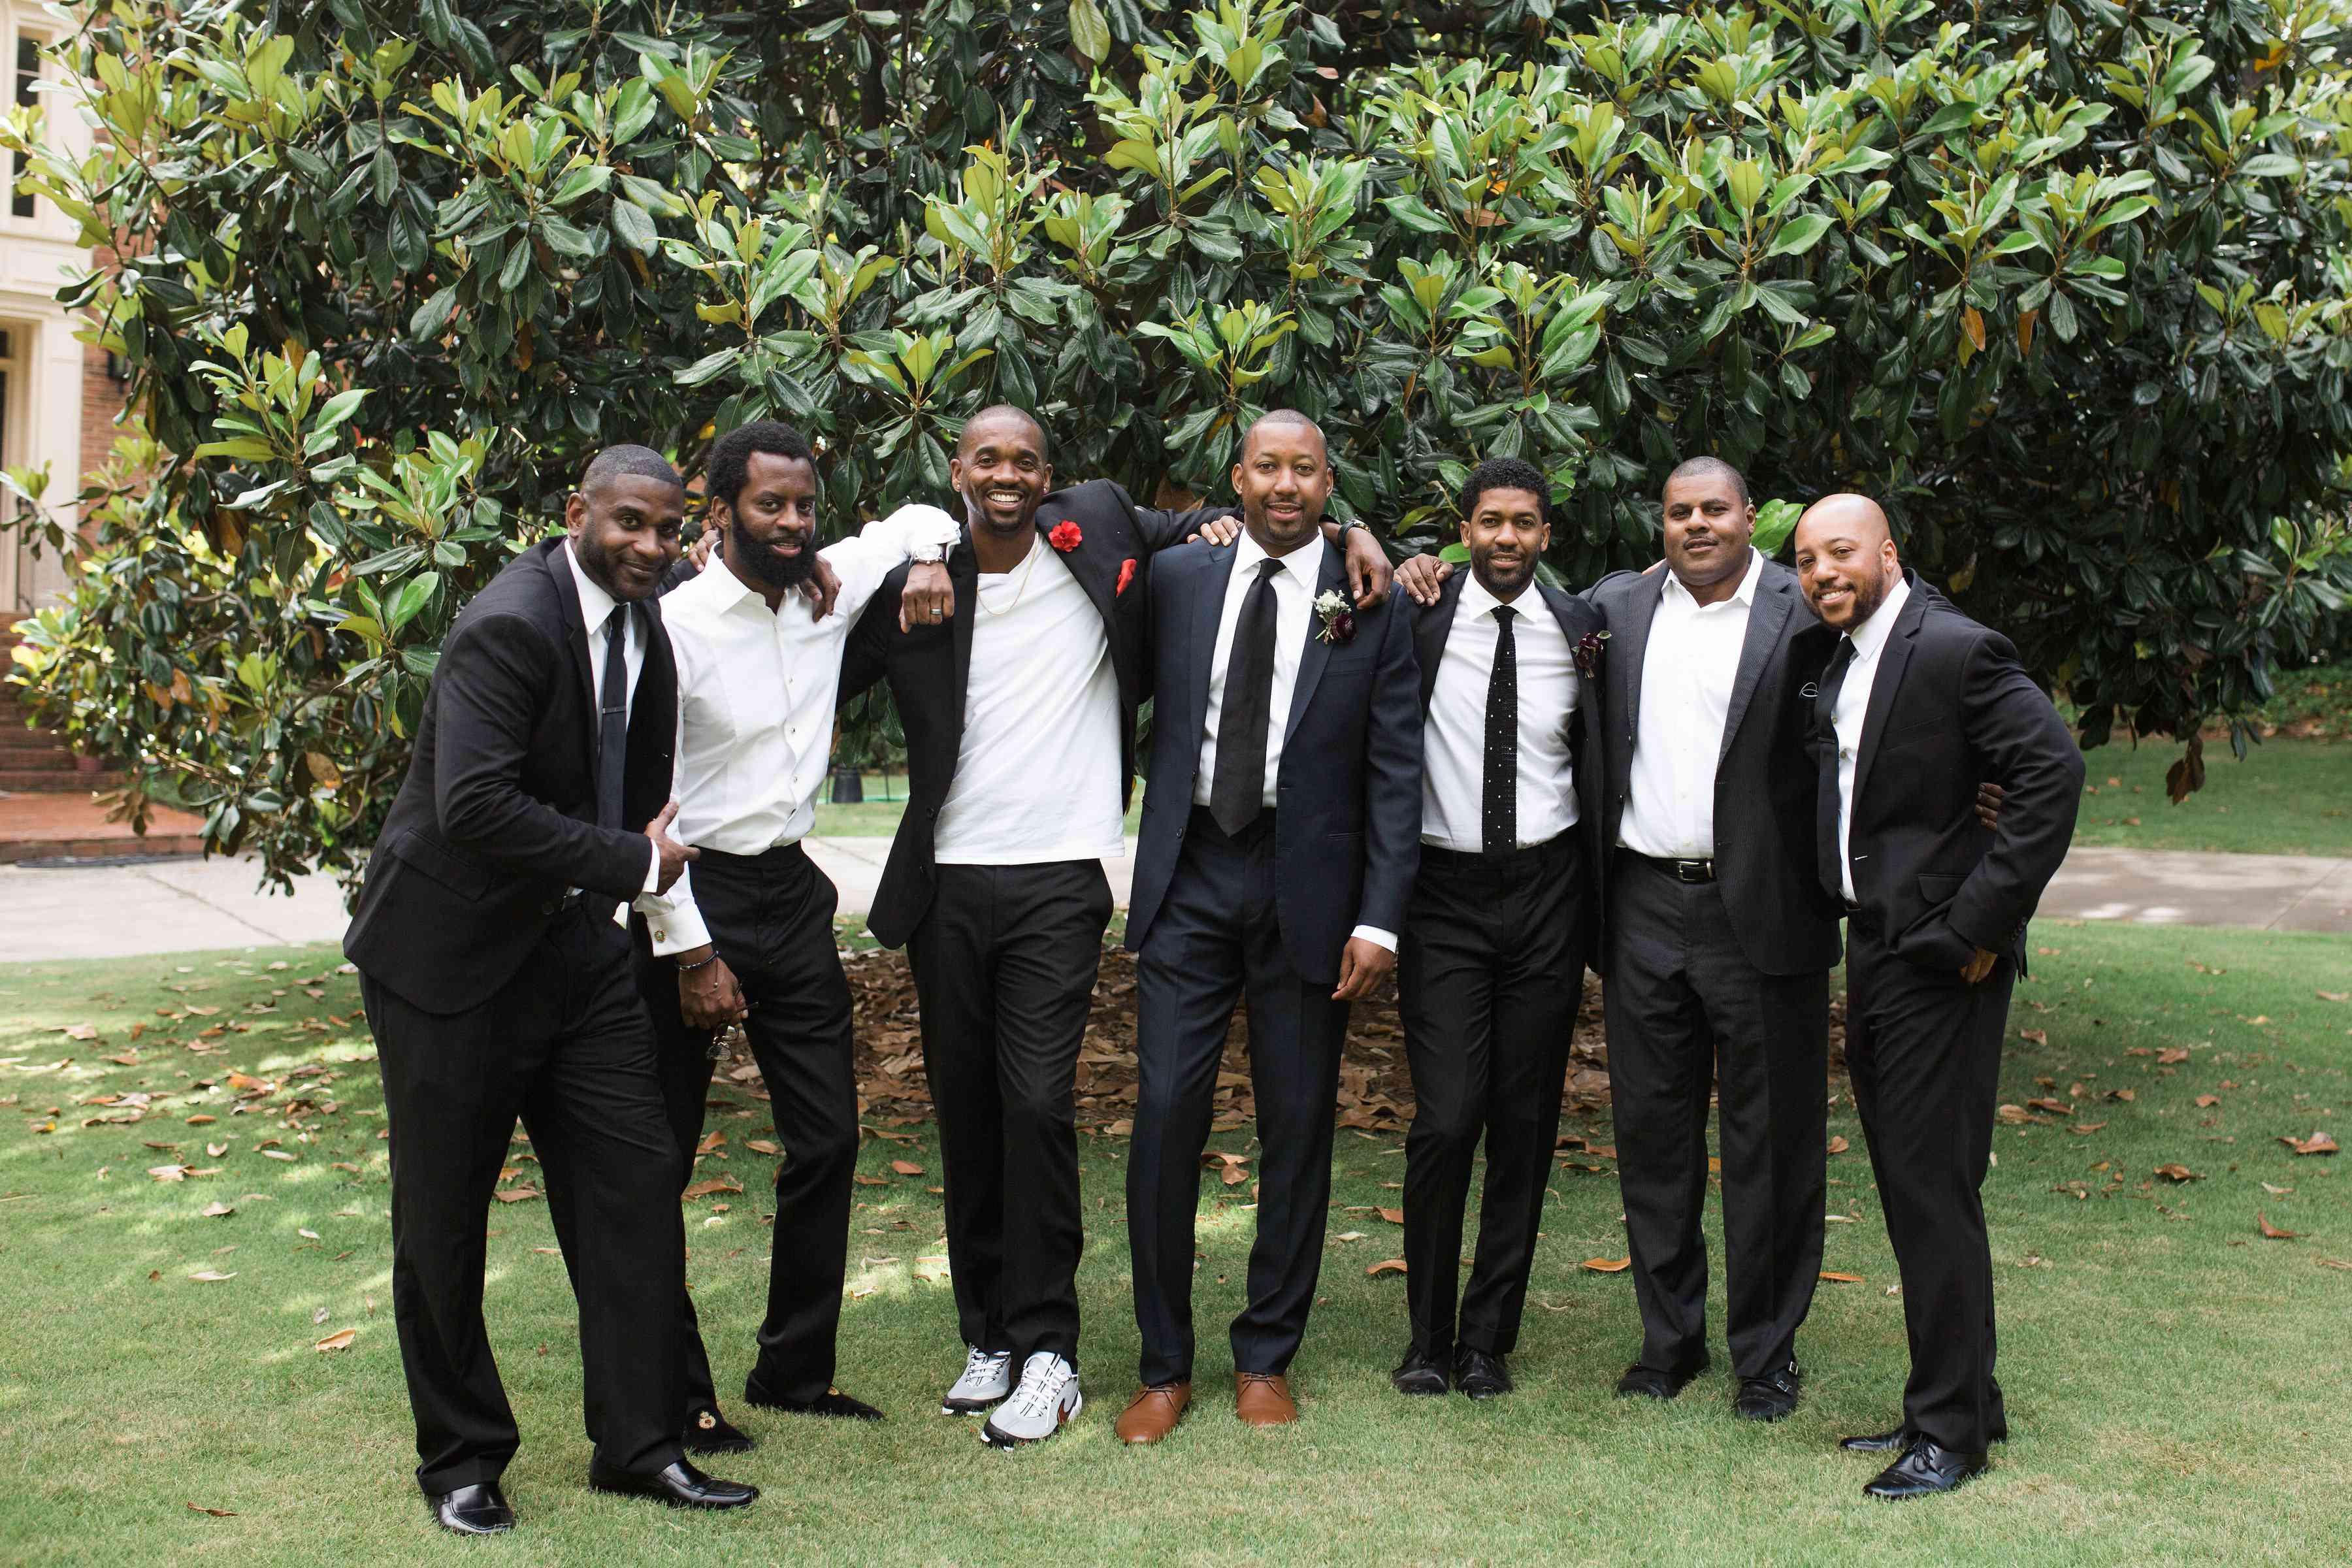 Atlanta groomsmen with groom